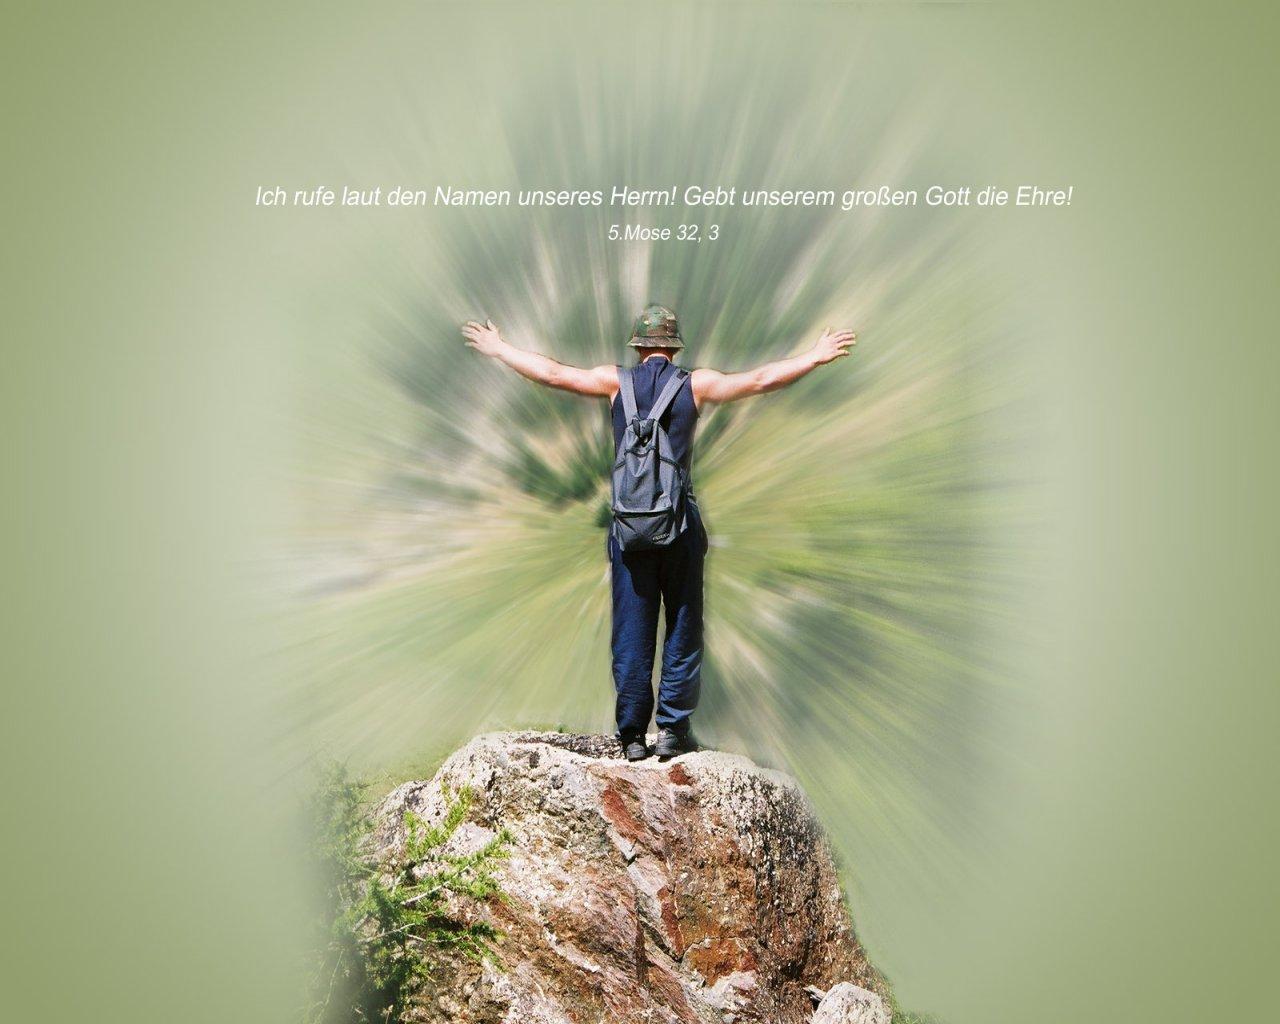 Gebt ihm ehre christliche hintergrundbilder - Christliche hintergrundbilder ...